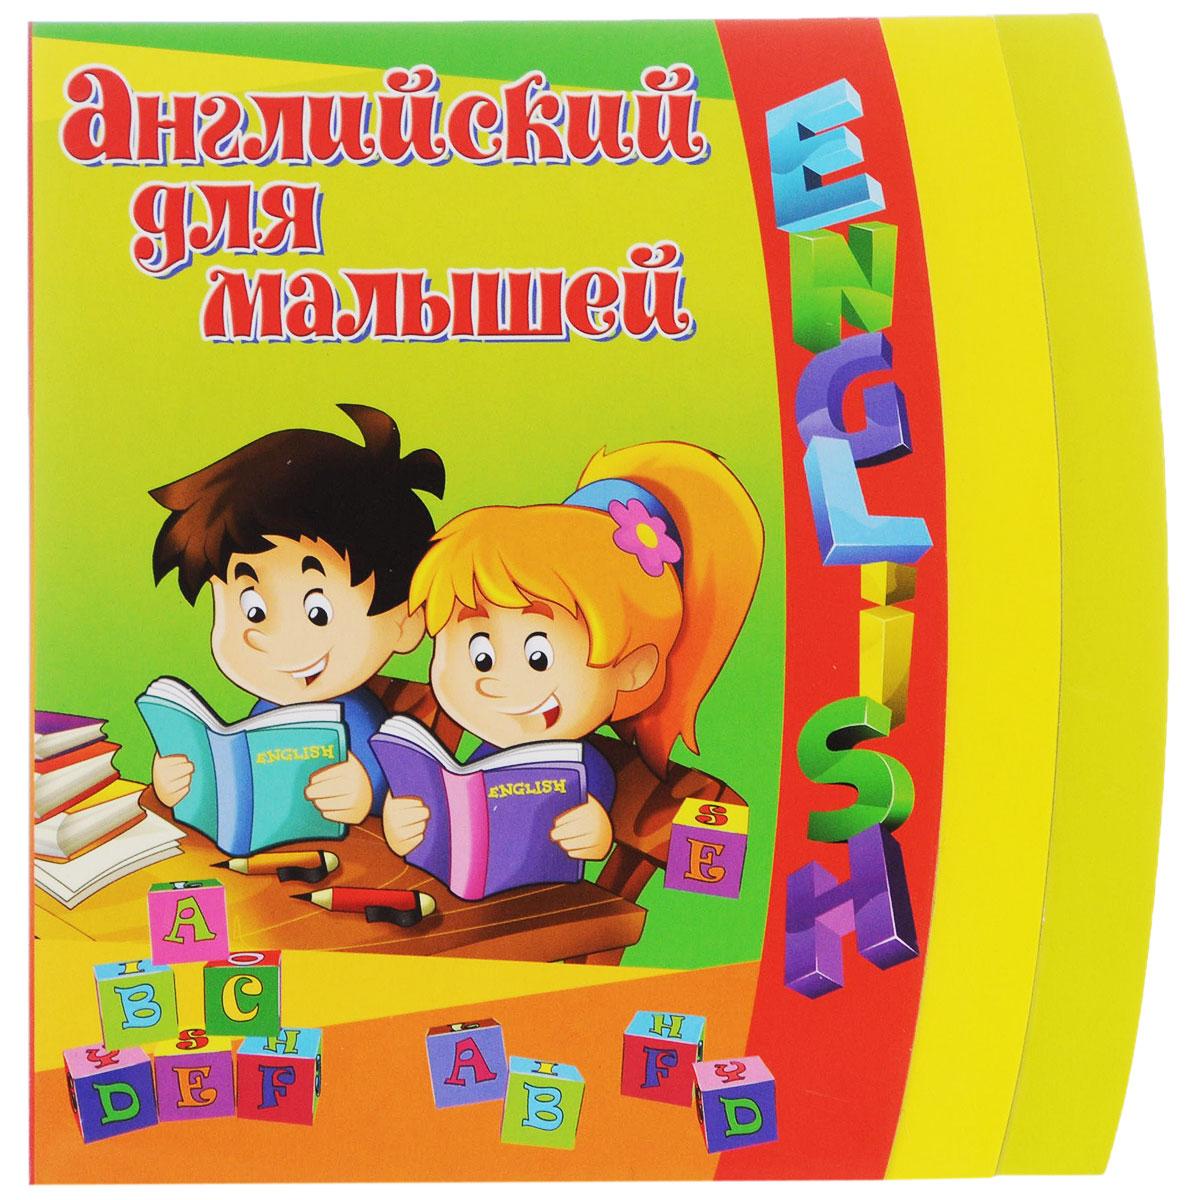 Английский для малышей12296407Дорогие взрослые! Если вы хотите, чтобы ваш ребенок чувствовал себя уверенно и свободно в любом уголке земного шара, чтобы все понимали его, а он понимал всех, с самого раннего возраста занимайтесь с ним иностранными языками. А начать мы вам советуем с нашей книги, В ней вы найдете САМЫЕ ВАЖНЫЕ и САМЫЕ НУЖНЫЕ английские слова на самые популярные темы! человек, семья, дом, еда, растения, животные, времена года, игрушки. Каждое слово сопровождает красочная иллюстрация. Даже если вы не знаете английский язык, с помощью нашей книги вы сможете позаниматься с ребенком самостоятельно. Помимо традиционно принятой транскрипции, произношение каждого слова написано и по-русски. Английский - это просто! Успехов вашему малышу!